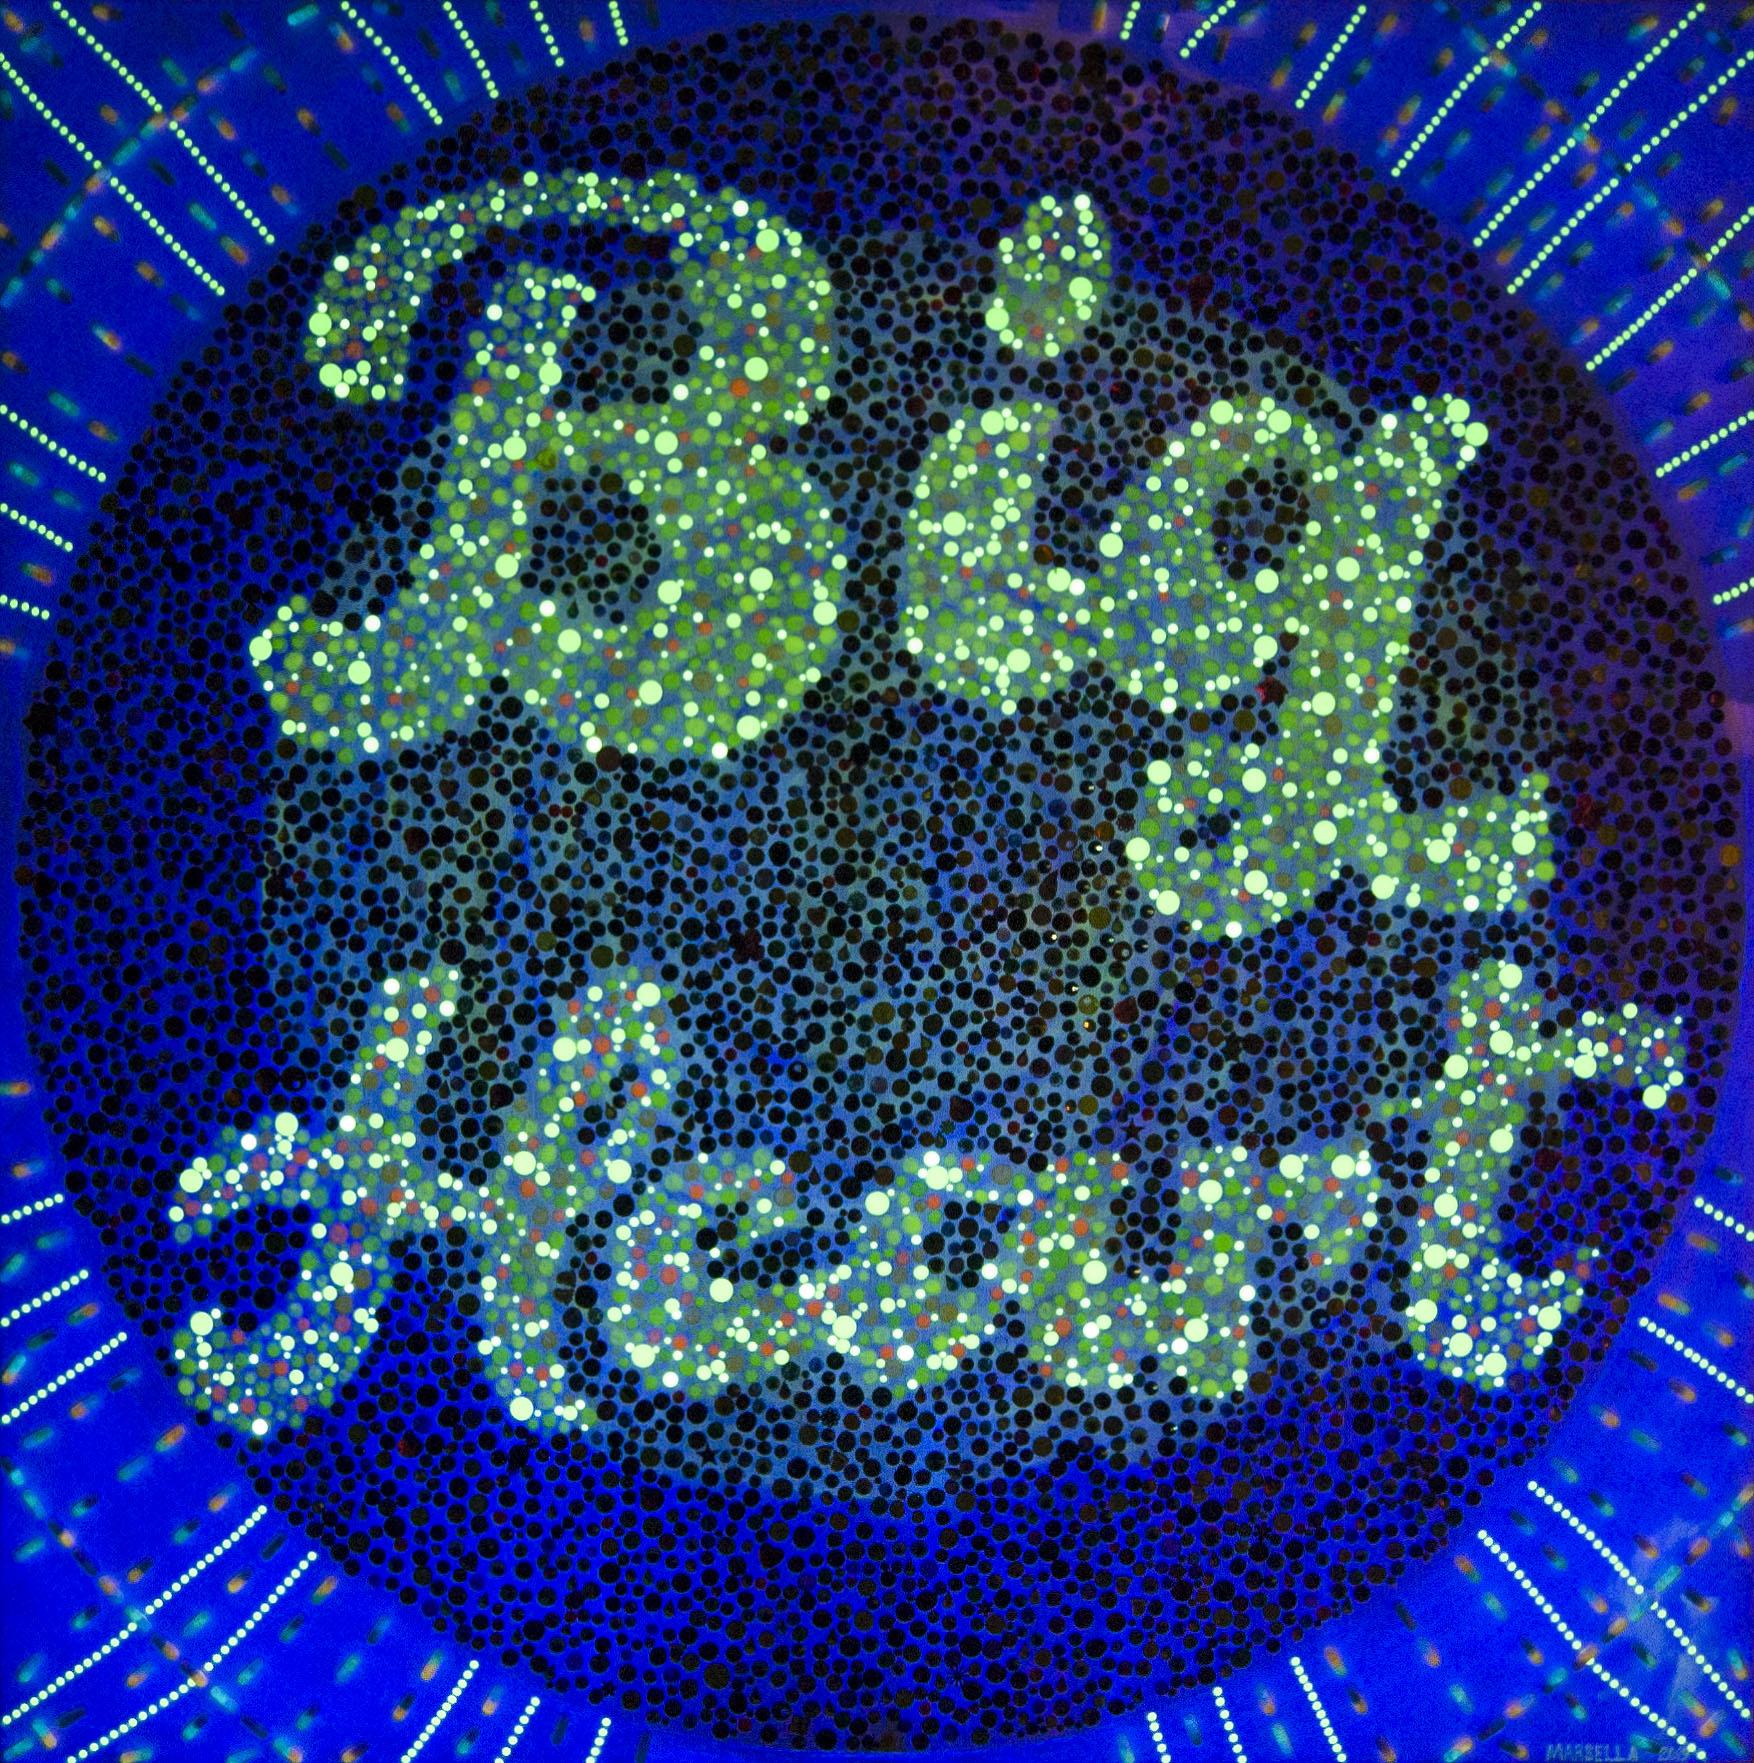 R. Kelly's Big Heart